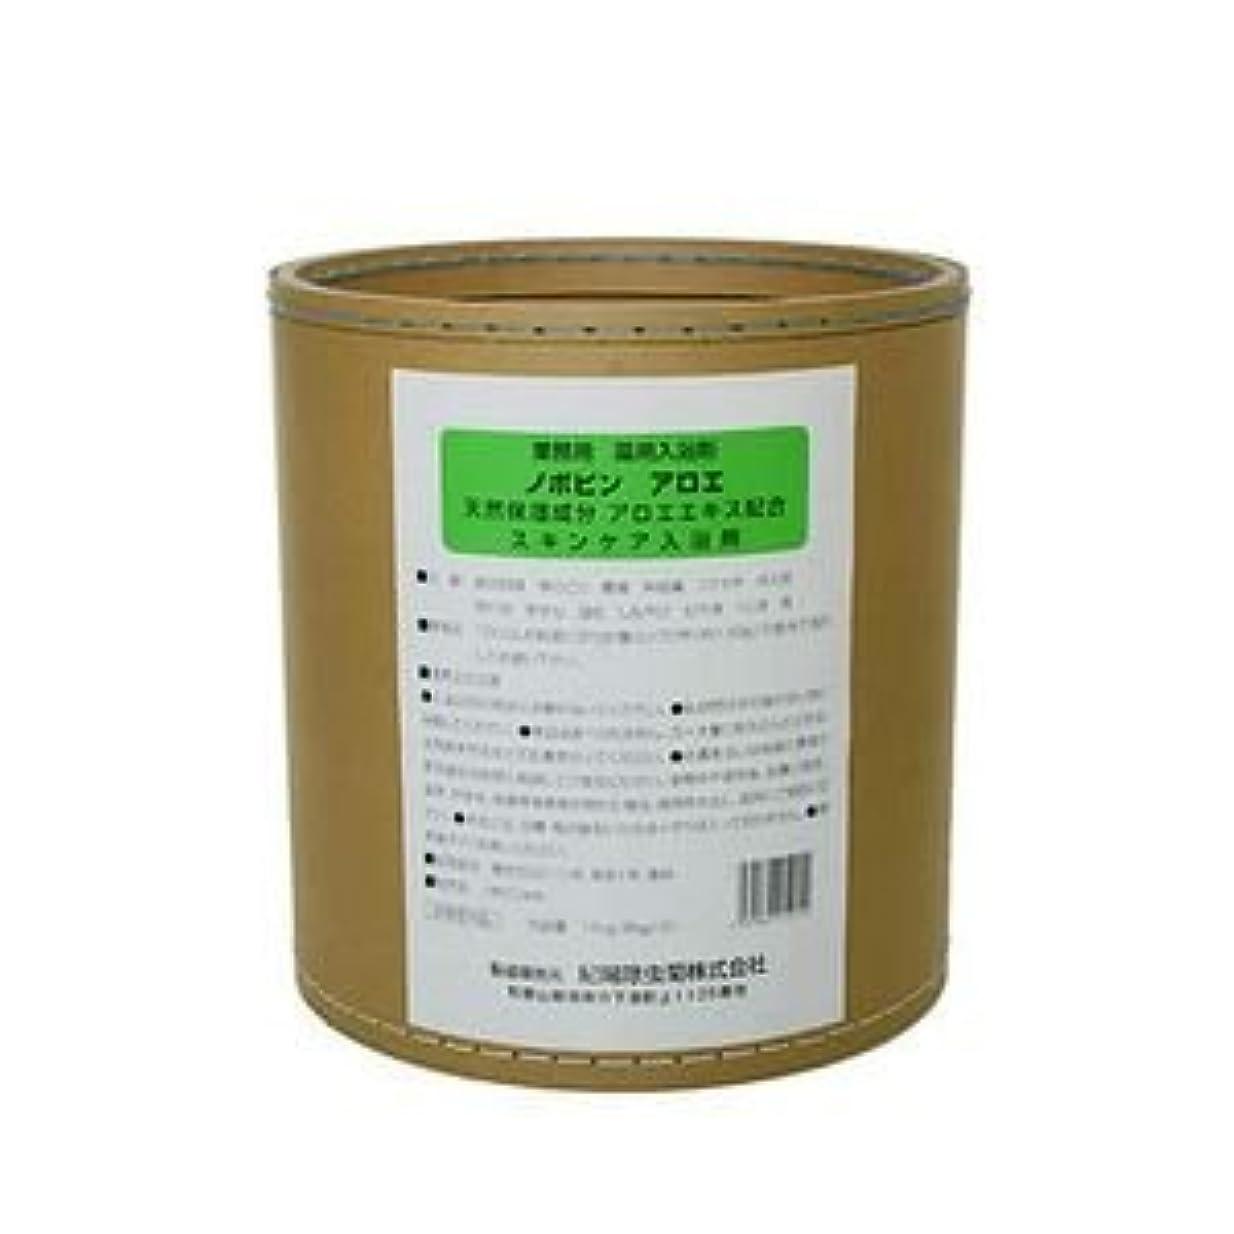 パラメータ戦術事故業務用 バス 入浴剤 ノボピン アロエ 16kg(8kg+2)